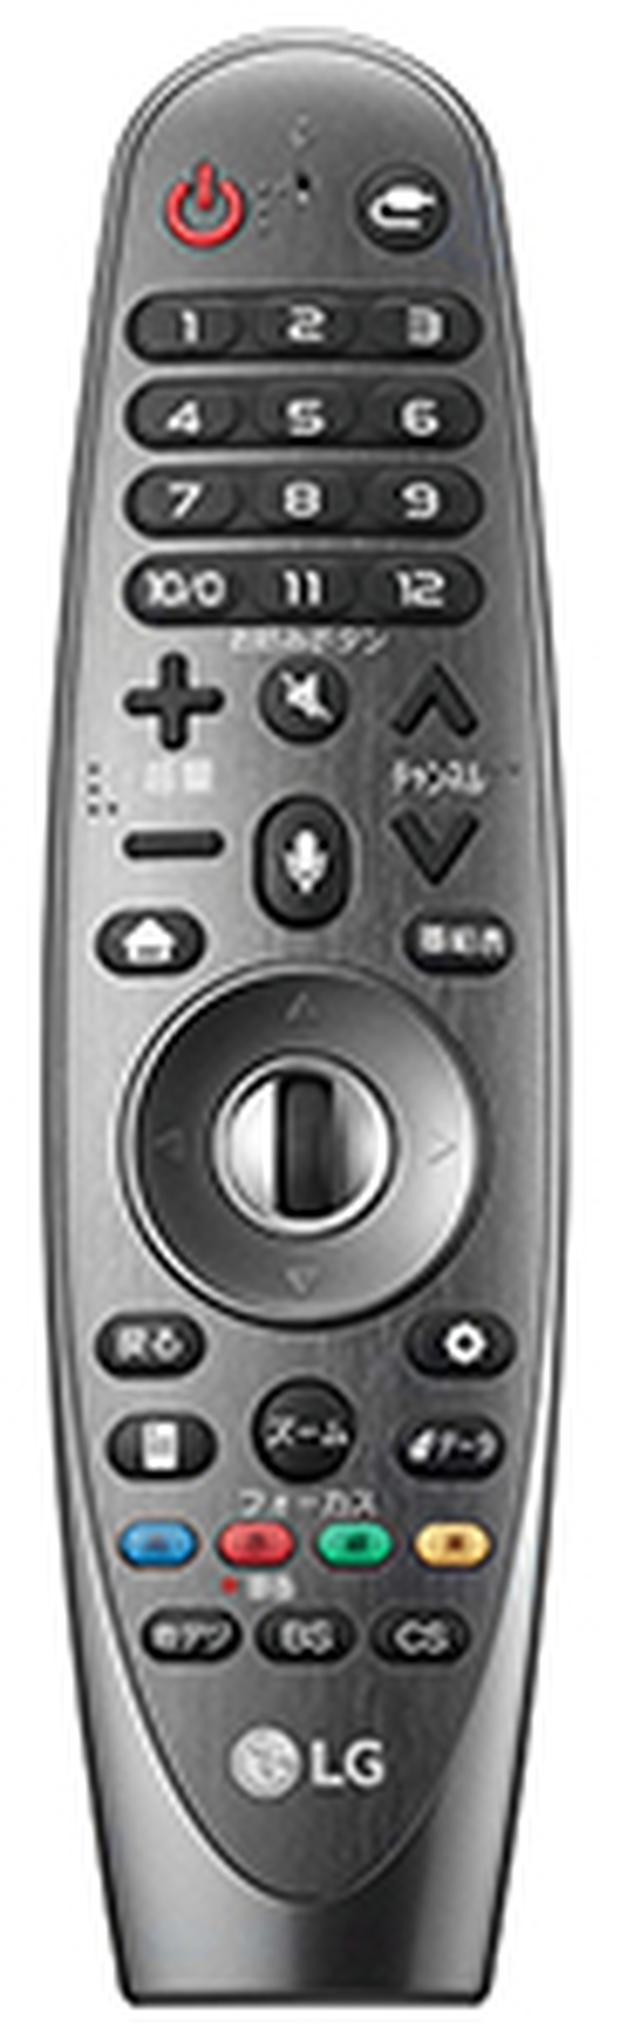 画像: 直感的な操作が可能なマジックリモコン。コンテンツ検索やアプリの起動も、音声で操作できるAI機能を搭載。